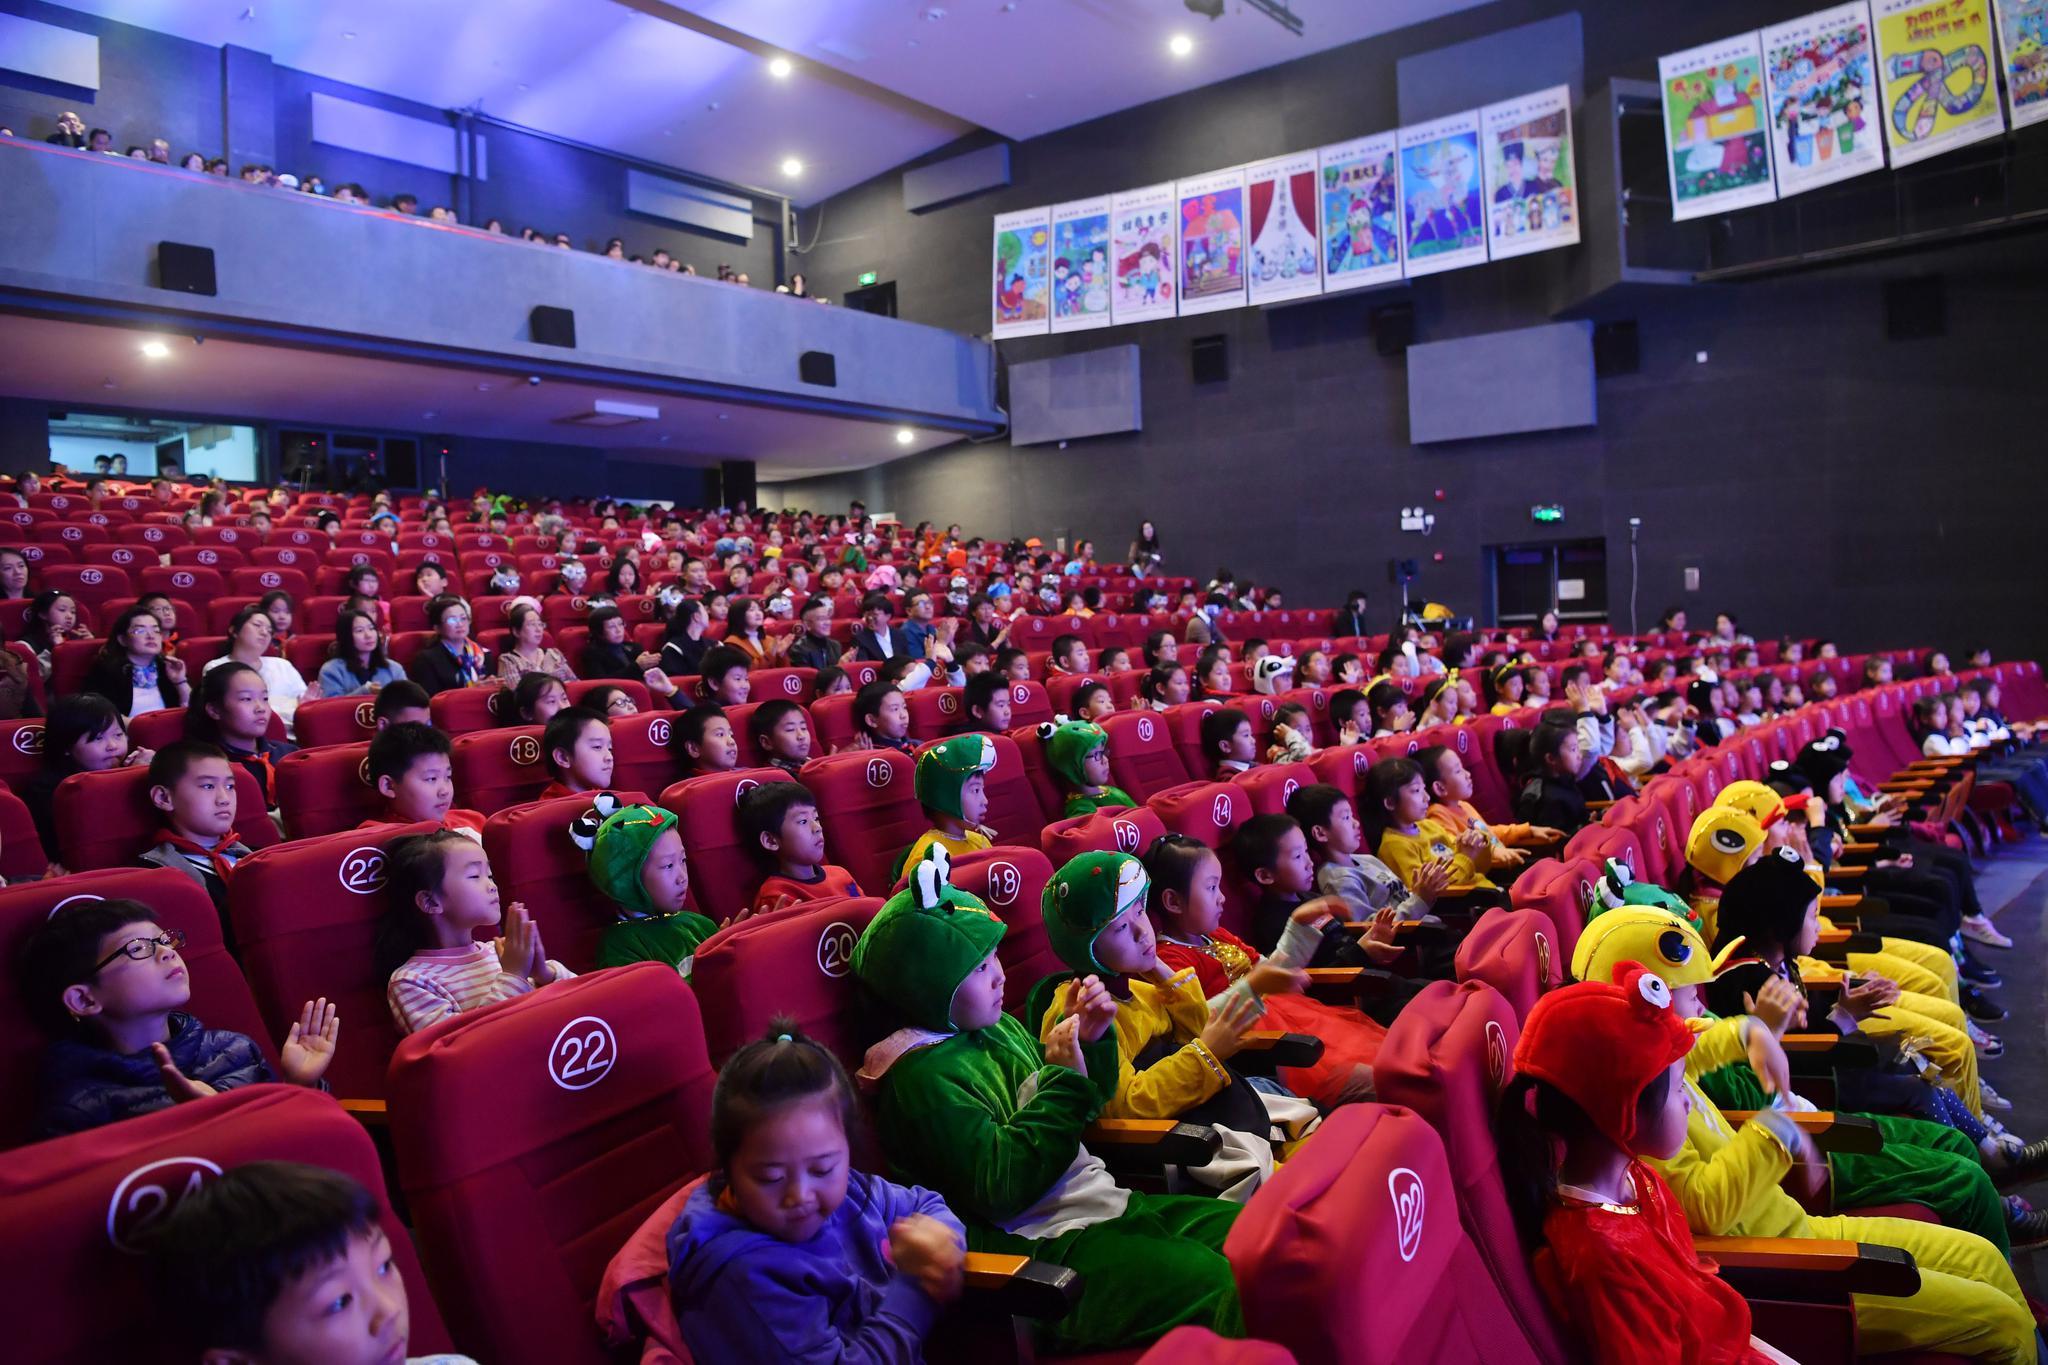 灯市口小学优质教育资源带1800余名学生全员参与,52个班登台演绎。新京报记者 李木易 摄